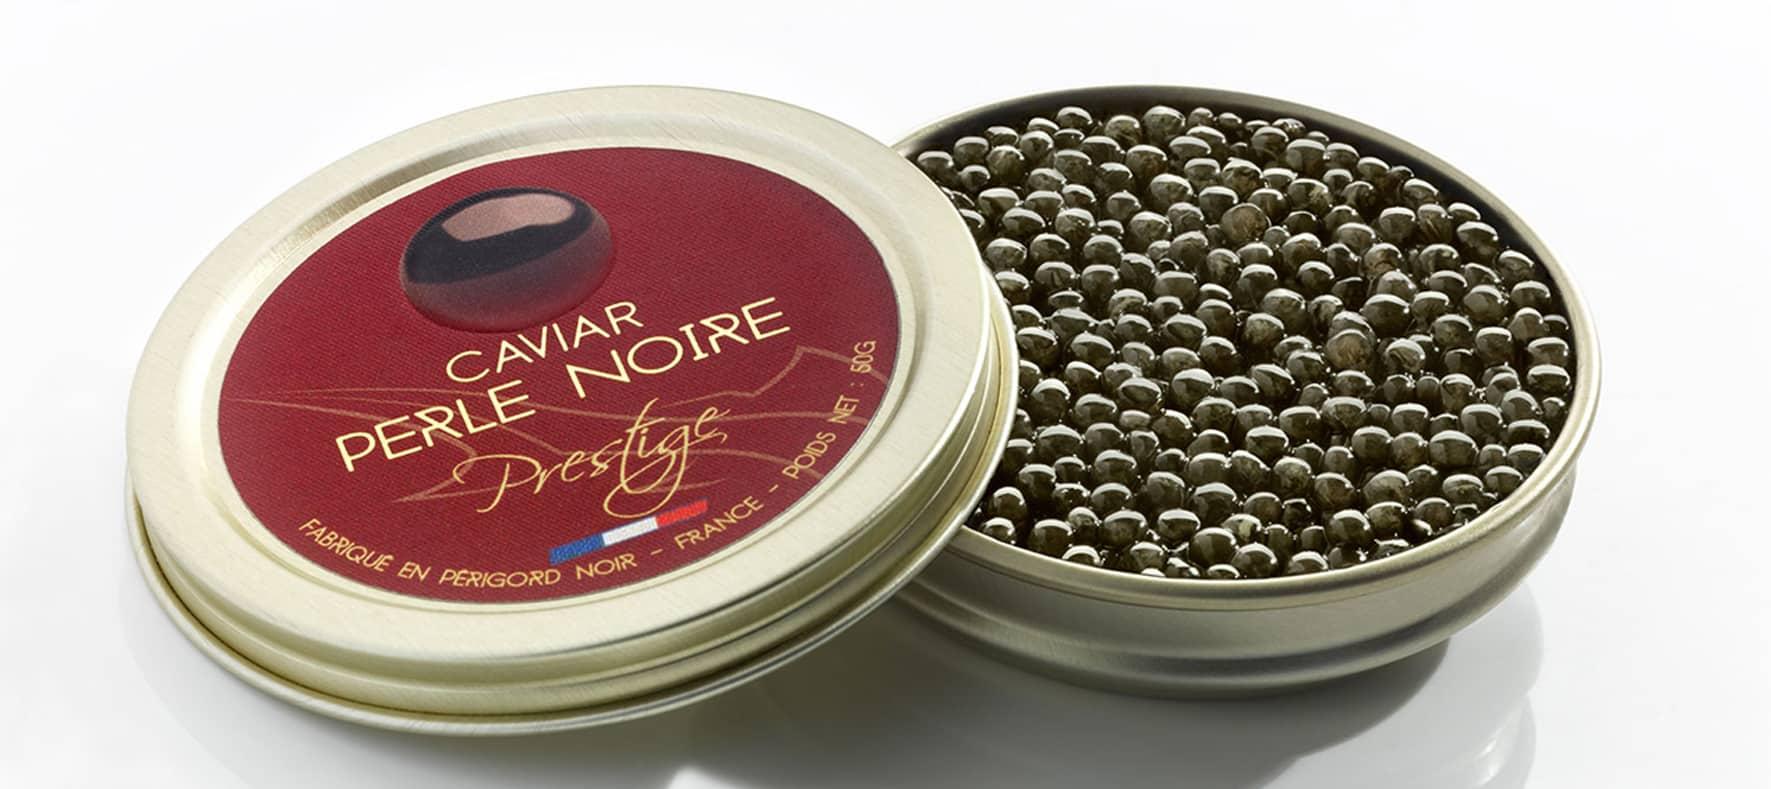 Caviar Perle Noire Prestige